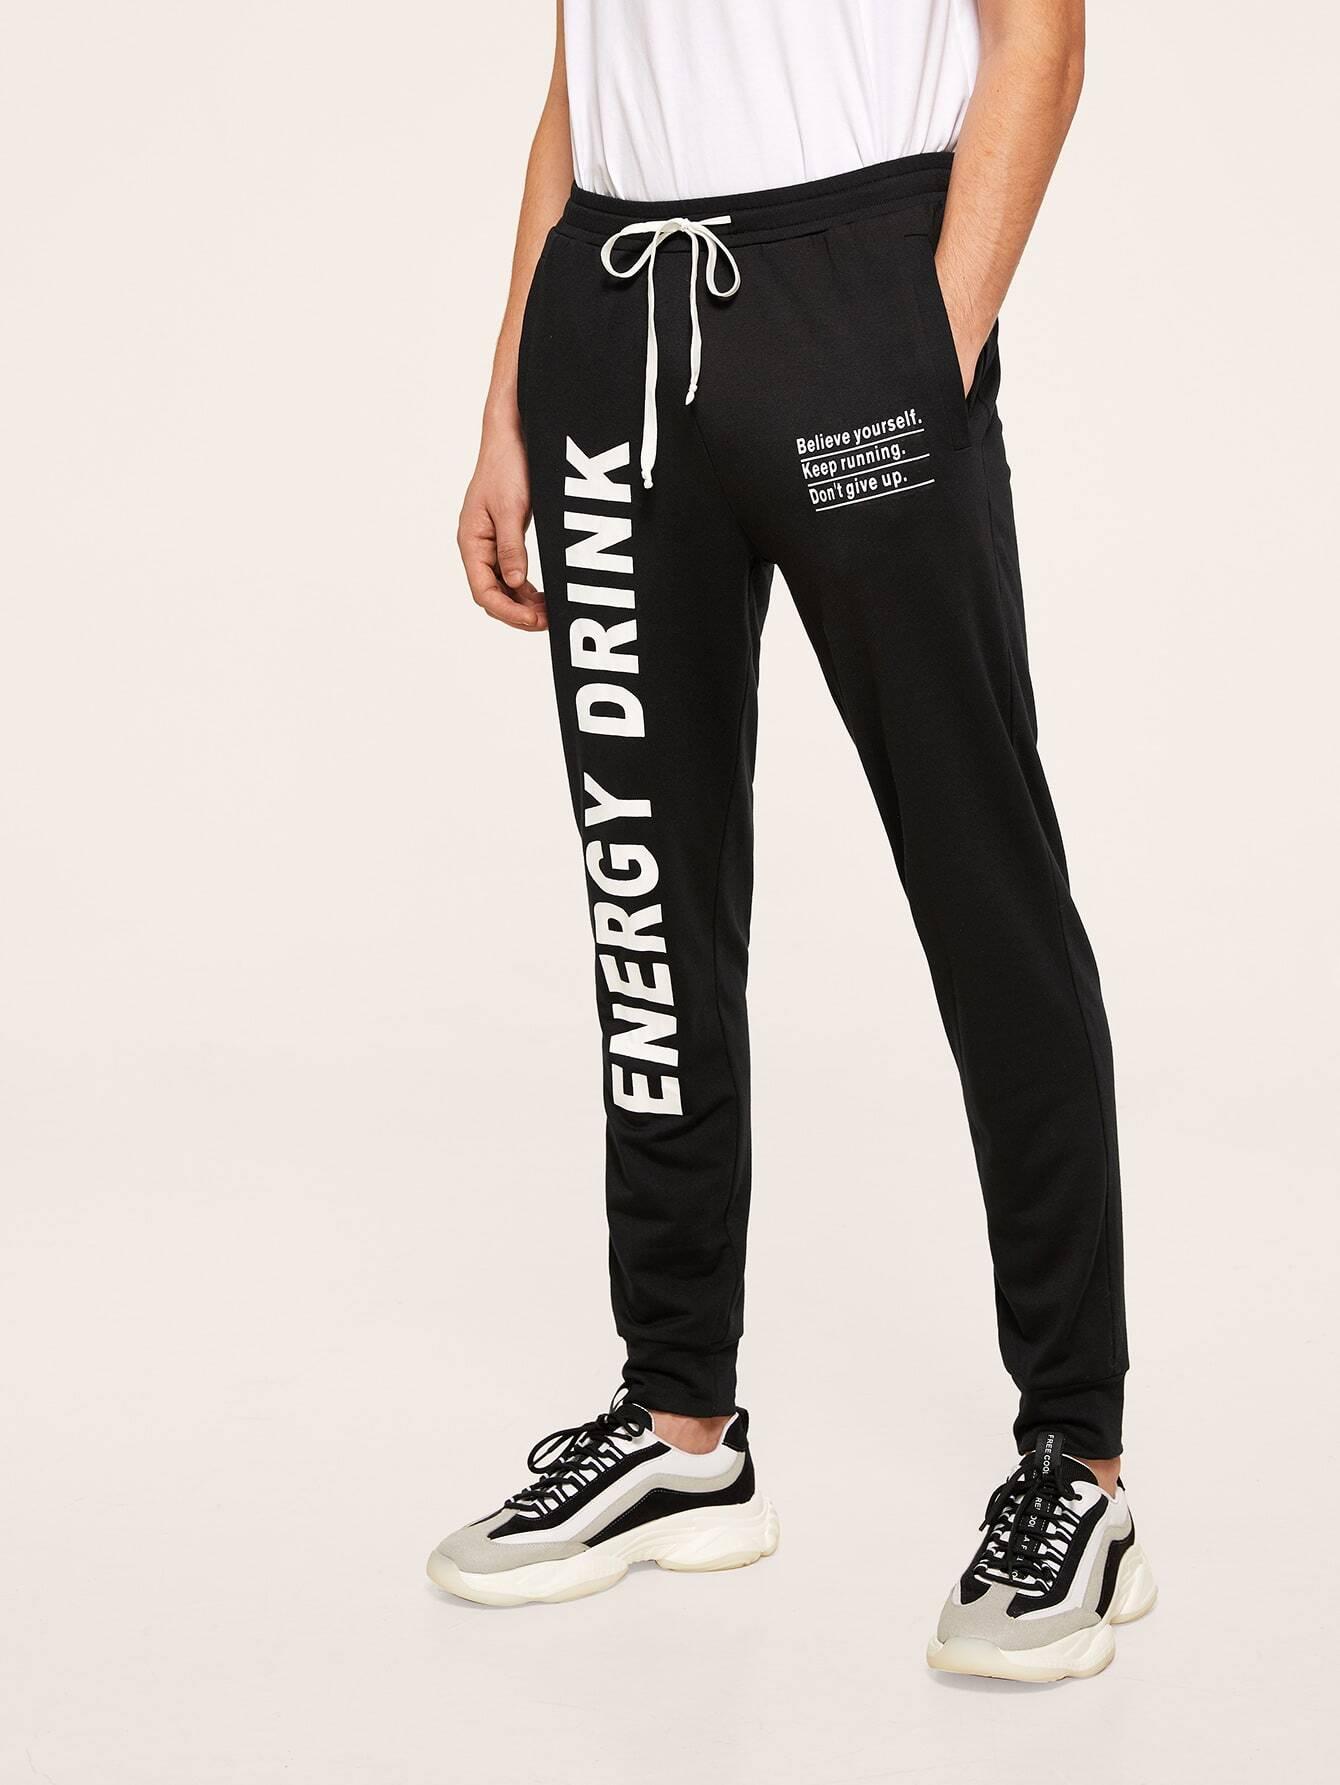 Фото - Мужские спортивные брюки с текстовым принтом от SheIn черного цвета